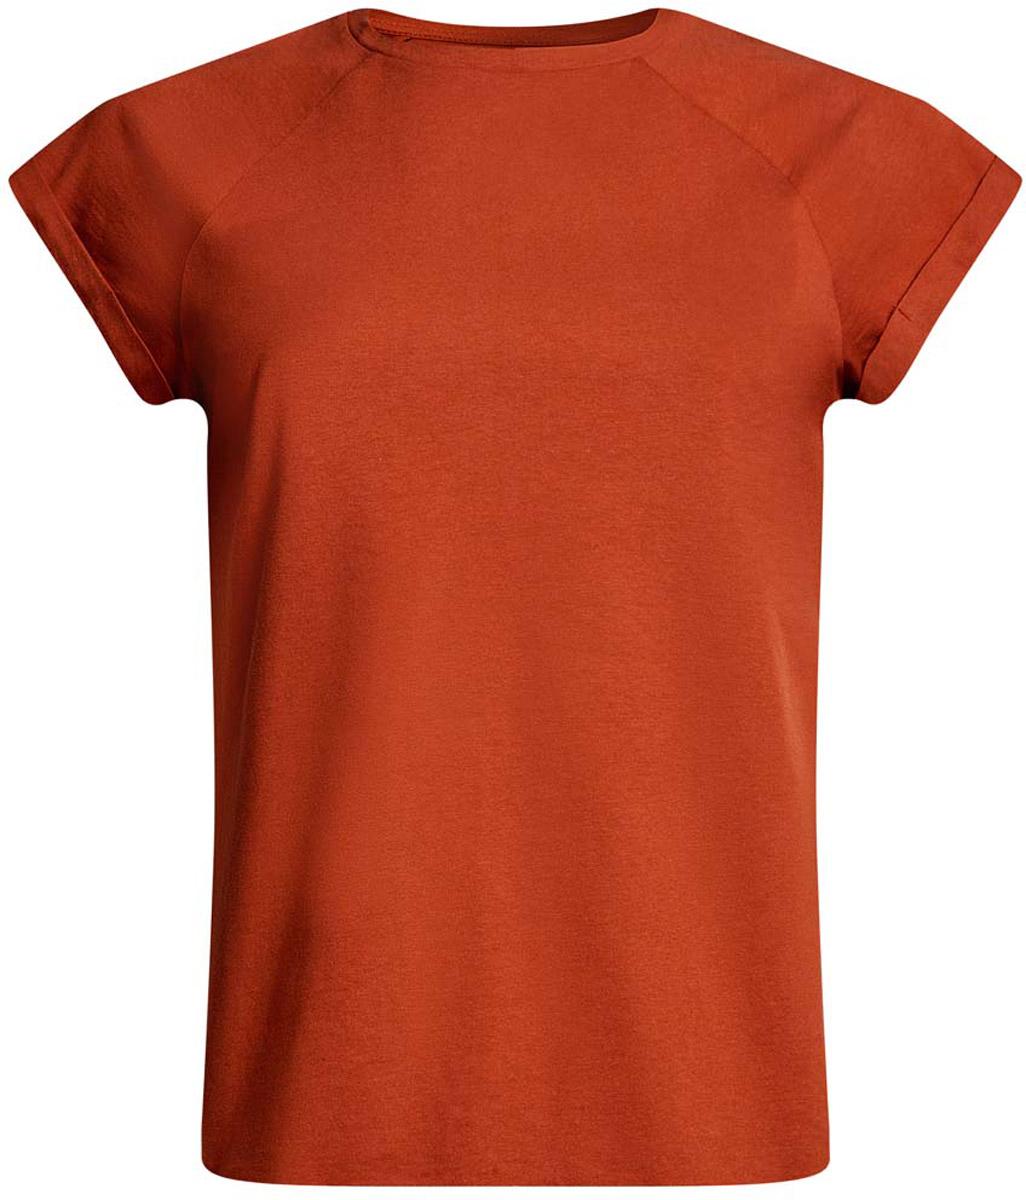 Футболка женская oodji Ultra, цвет: терракотовый. 14707001-4B/46154/3100N. Размер L (48)14707001-4B/46154/3100NЖенская футболка выполнена из хлопка и оформлена принтом в полоску. Модель с круглым вырезом горловины и короткими рукавами реглан, дополненными отворотом.